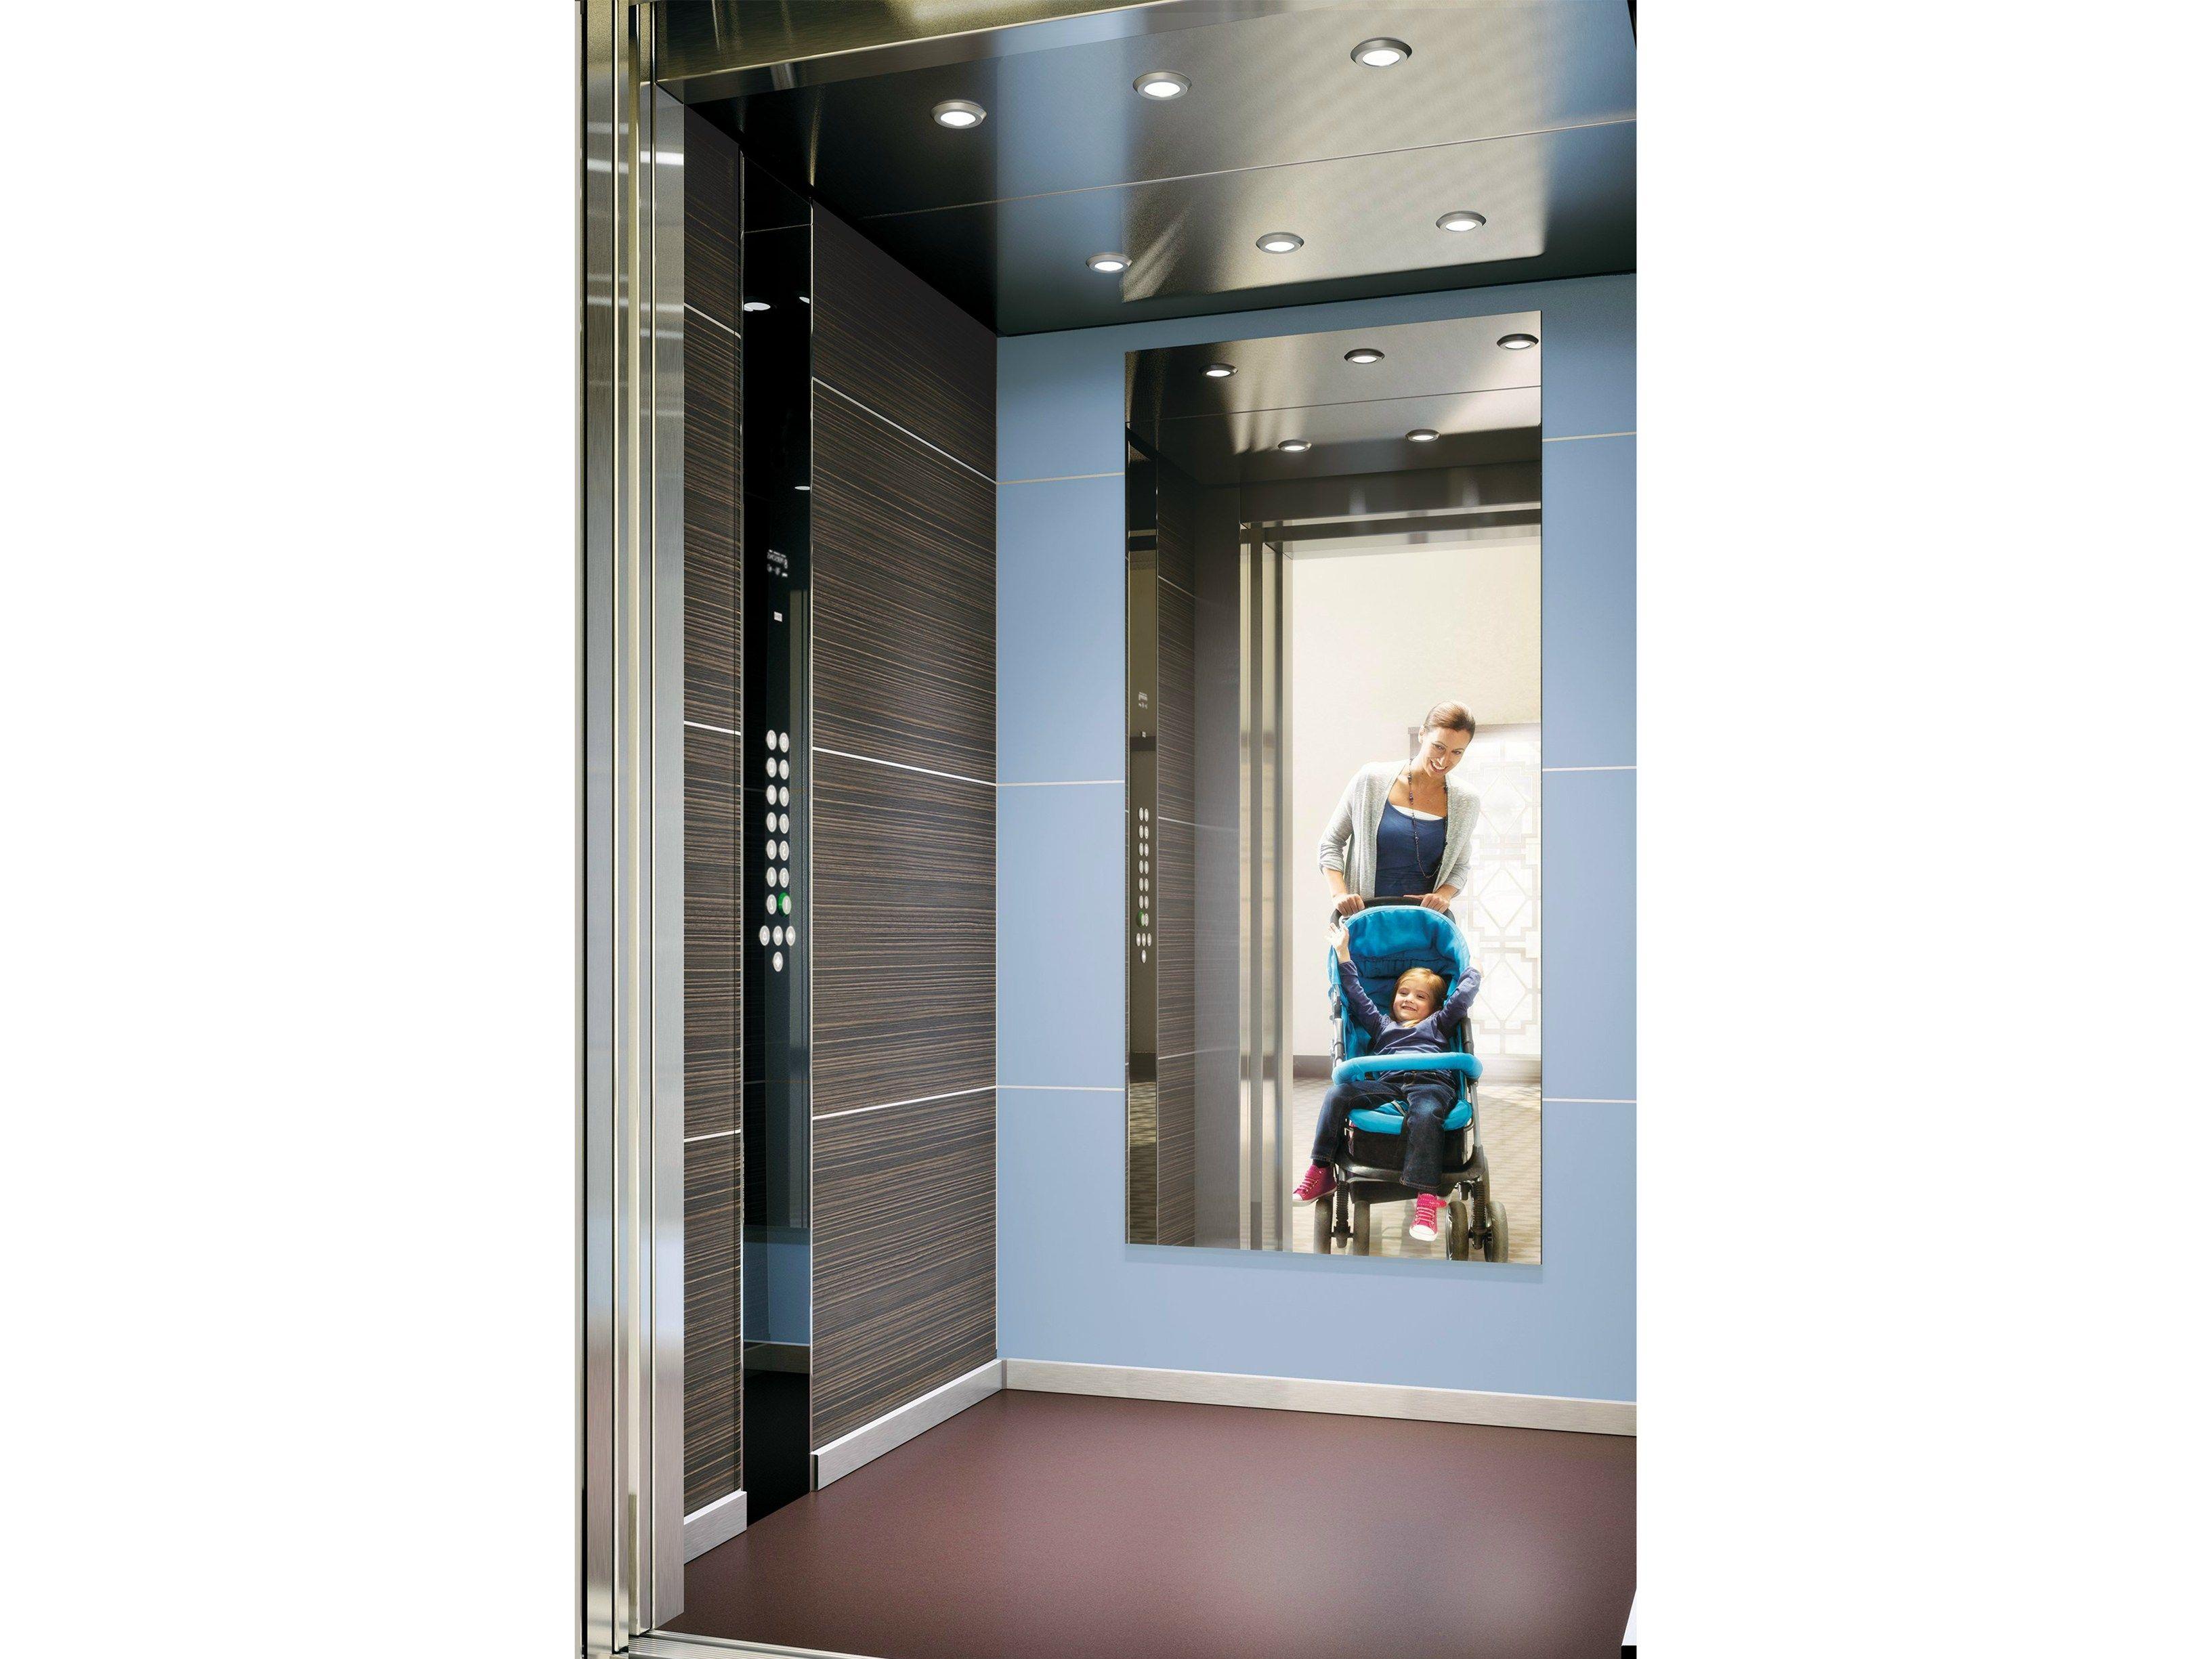 ascenseur sans local de machinerie monospace 500 by kone. Black Bedroom Furniture Sets. Home Design Ideas